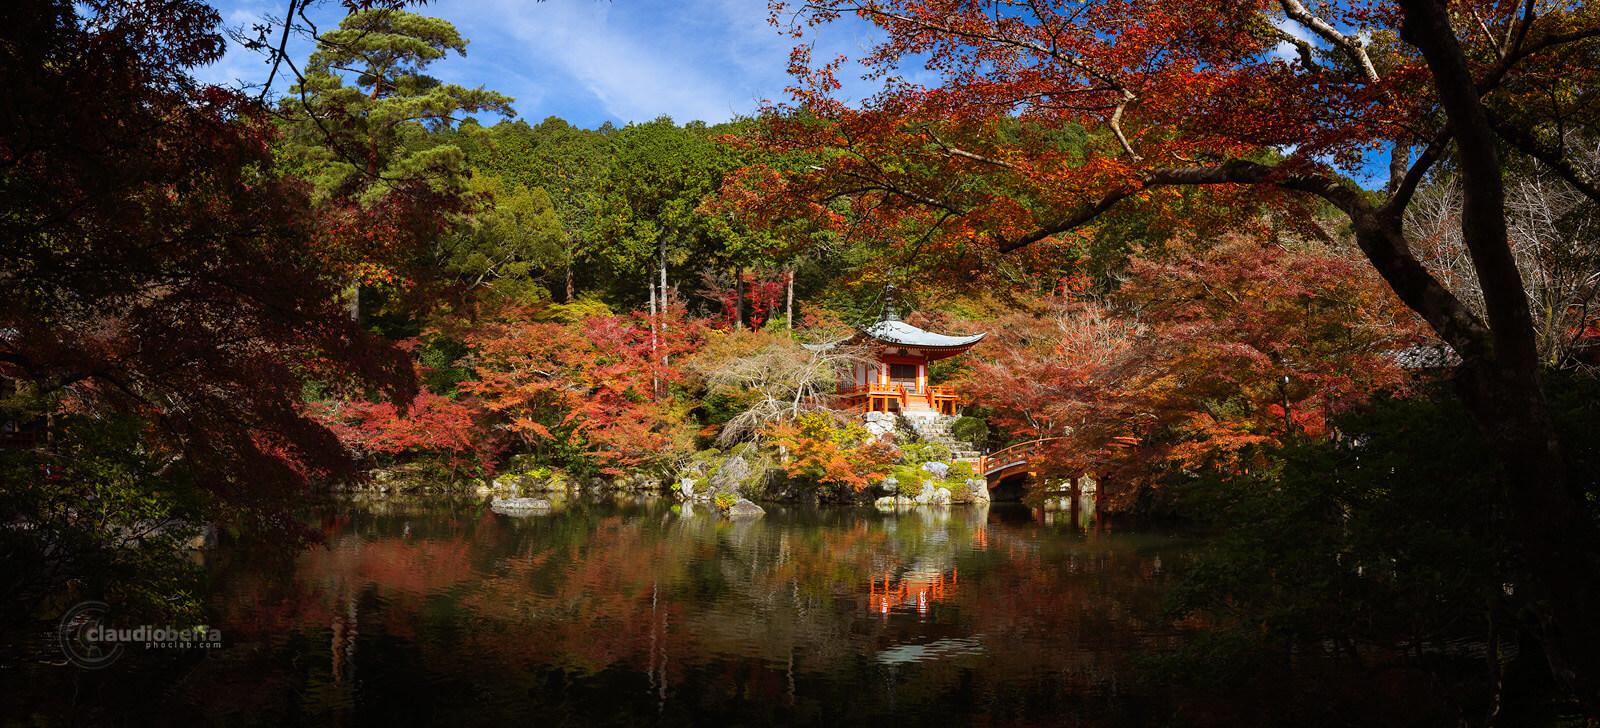 DaigoJi, Autumn, BentenDo, Autumn DaigoJi, Kyoto, Japan, Momiji, Panorama, Phoclab